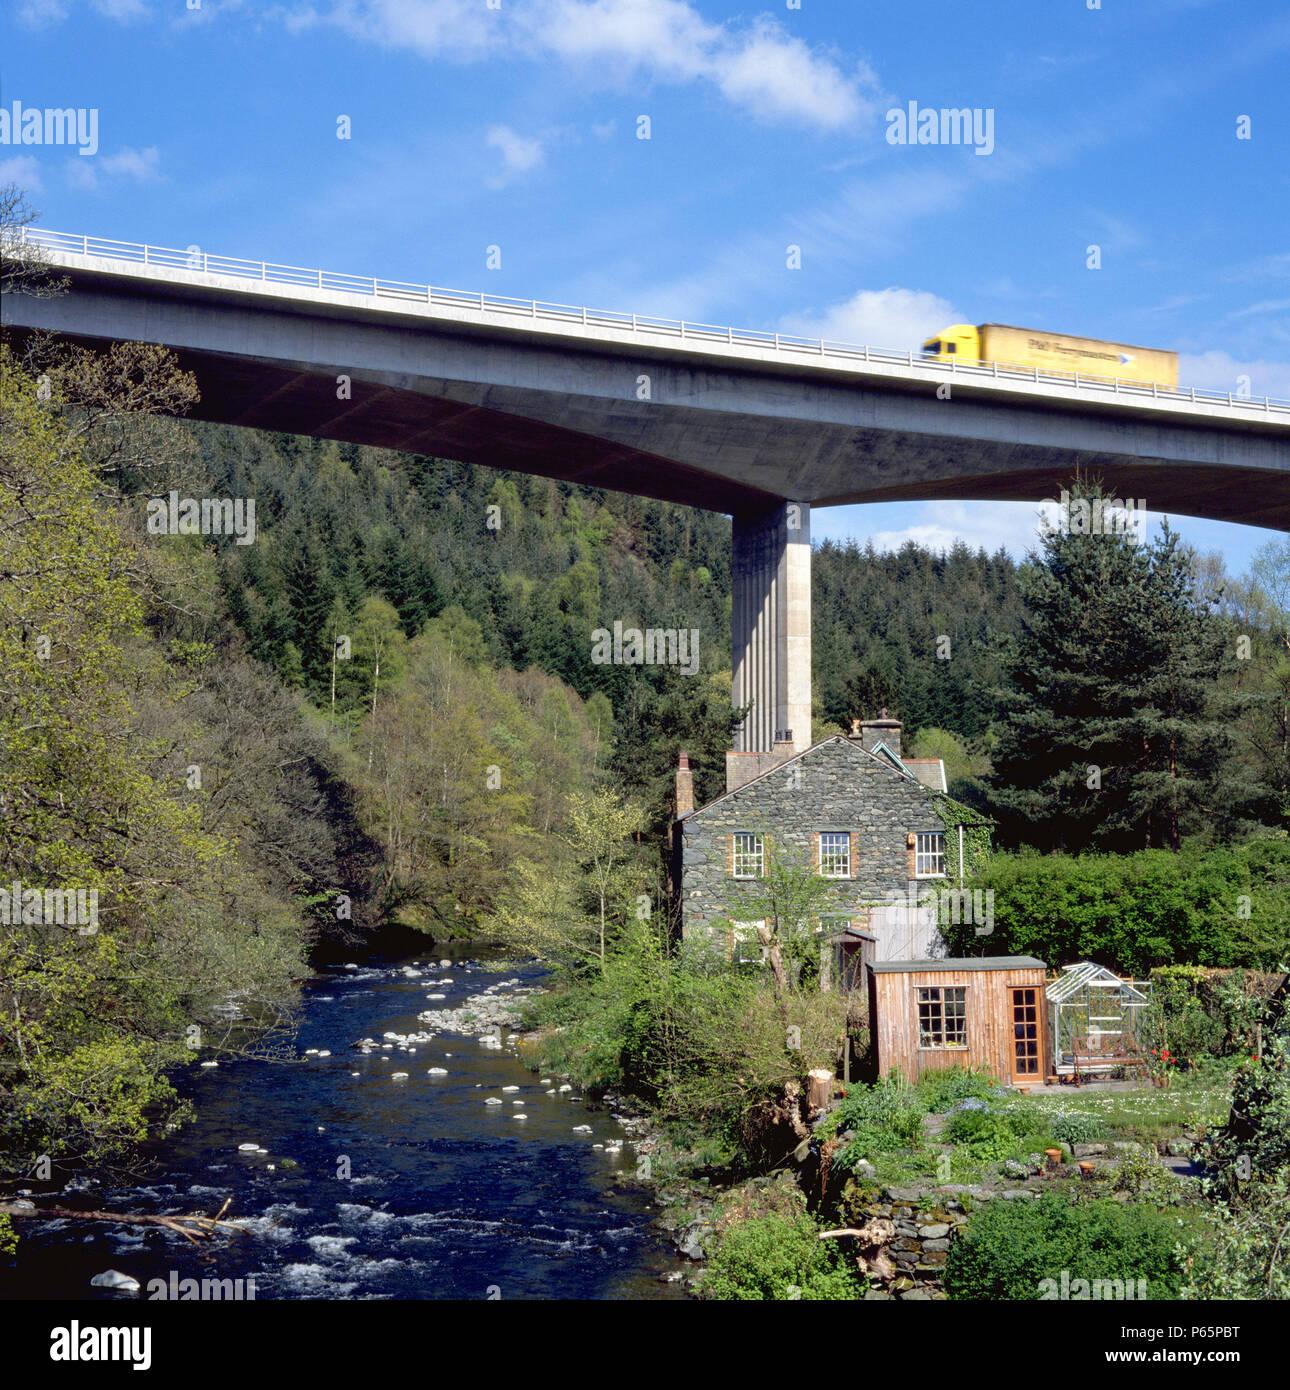 Bridge on the A66 Cumbria, England, United Kingdom. - Stock Image